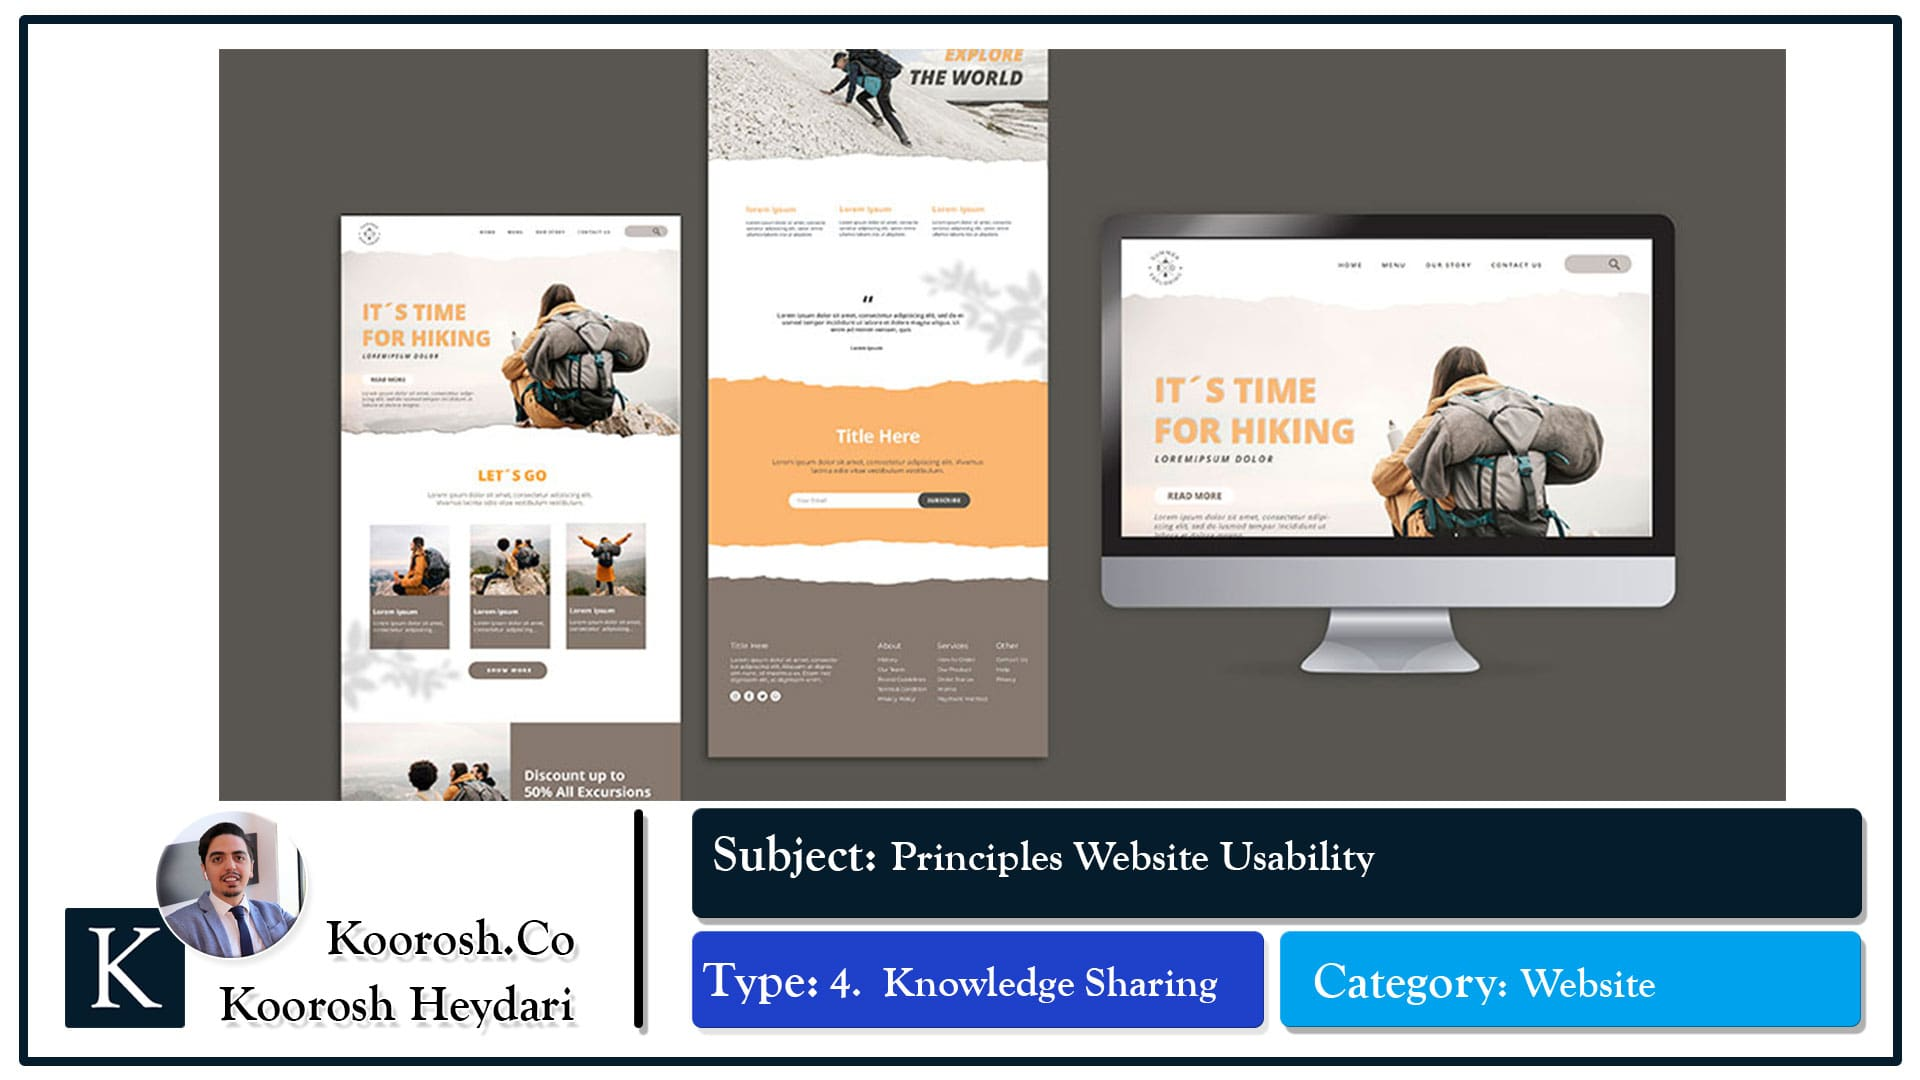 اصول مهم در کارایی طراحی وبسایت